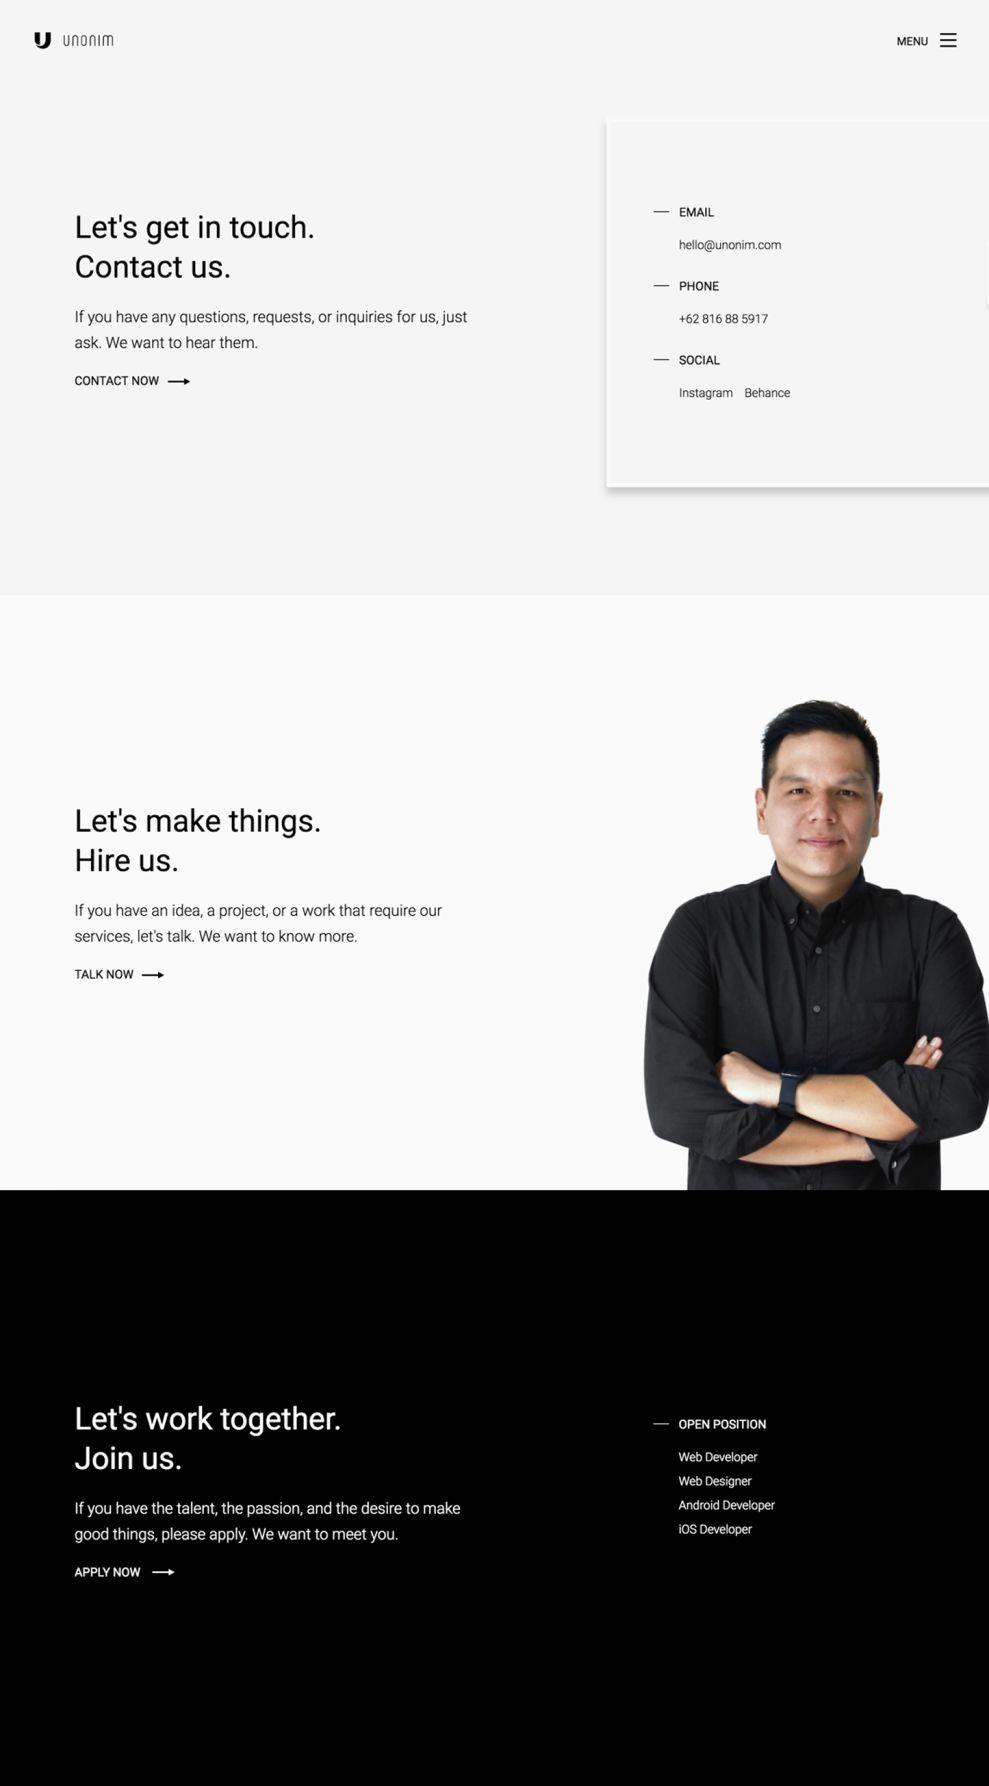 Unonim Clean Contact Page